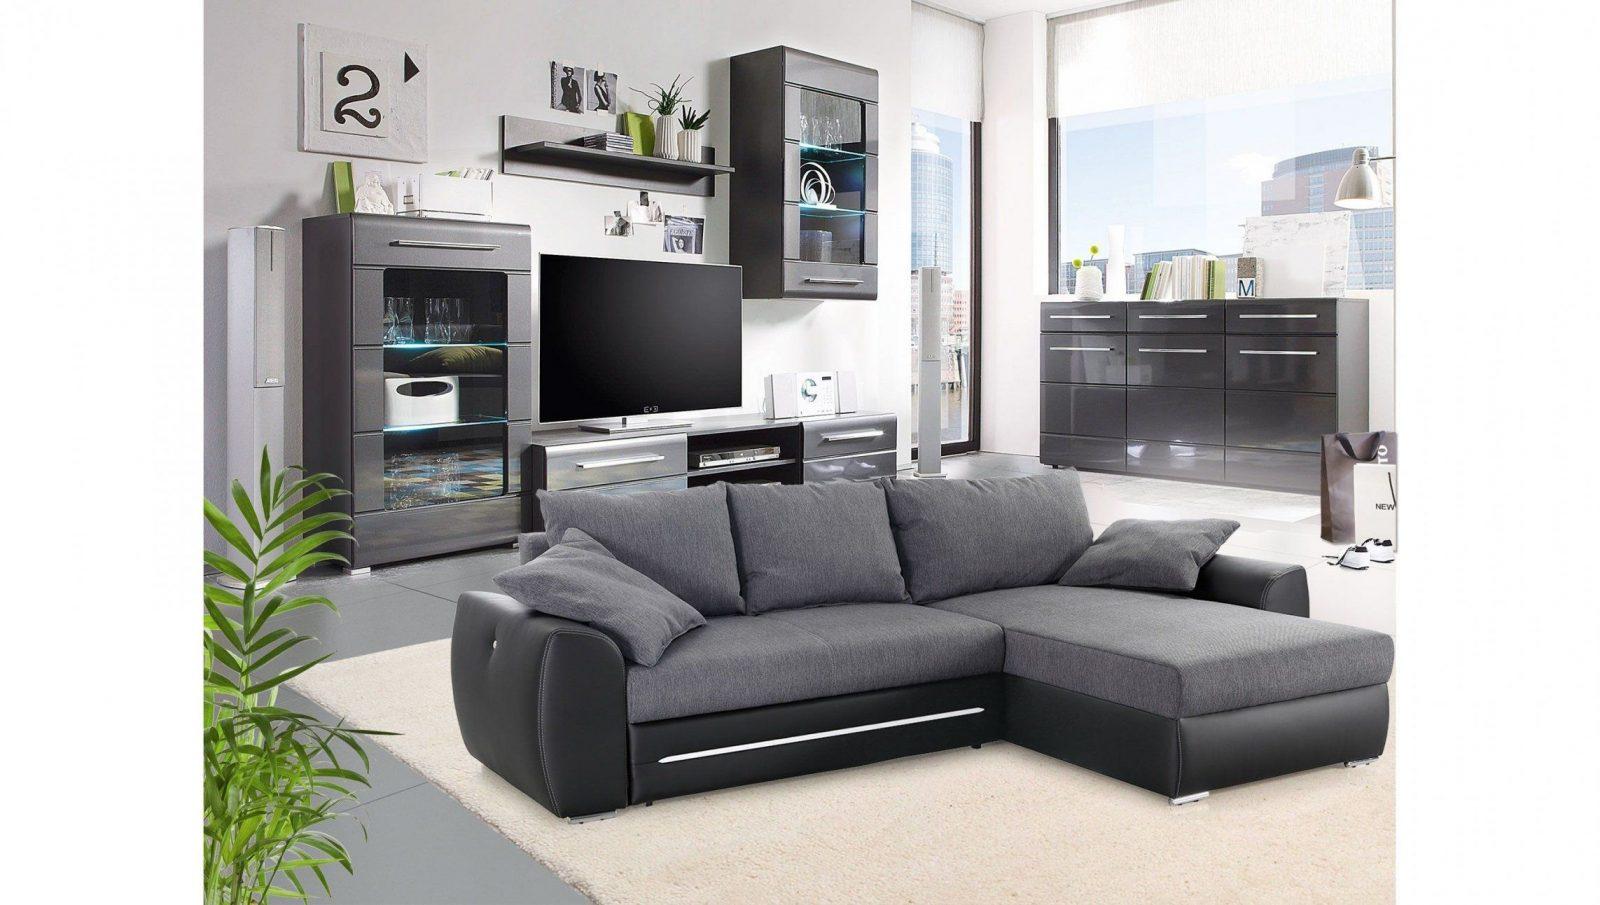 gartenm bel g nstig auf raten k che auf raten kaufen. Black Bedroom Furniture Sets. Home Design Ideas